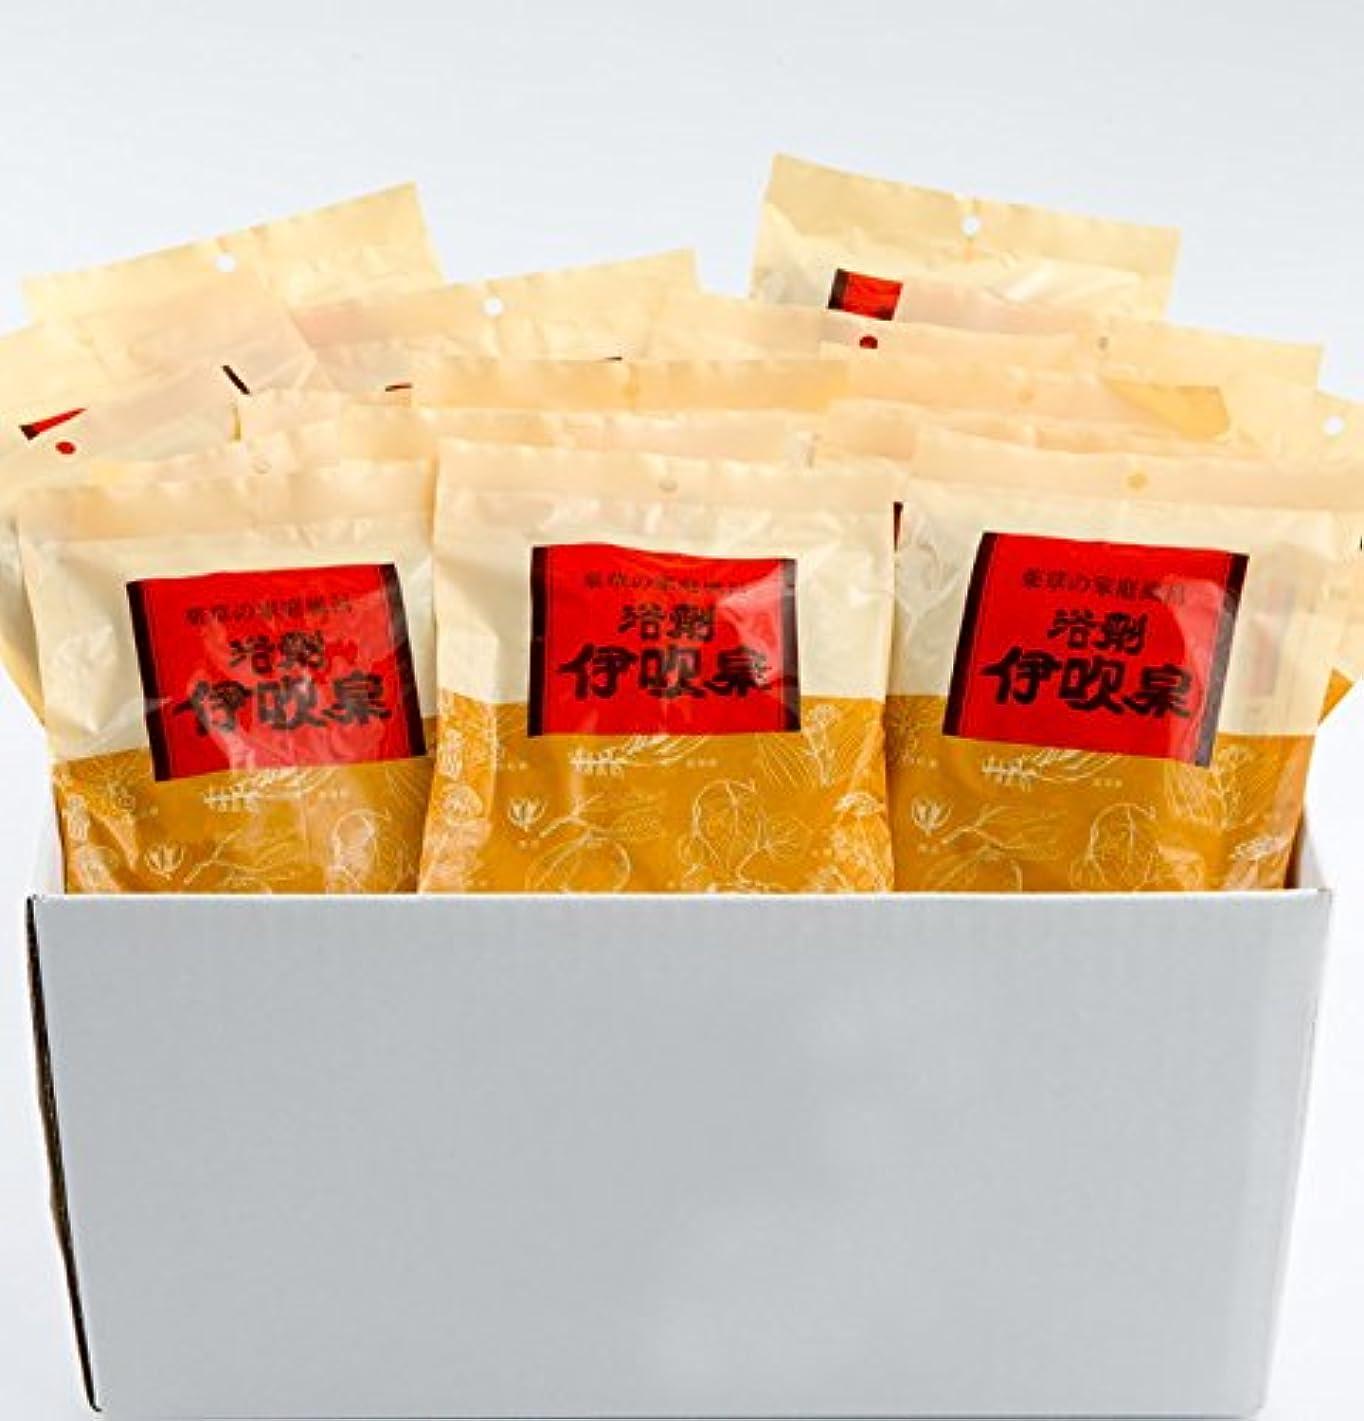 ドライバペグ高原浴剤 伊吹泉 ~薬草の家庭風呂~ 16袋(32包)セット